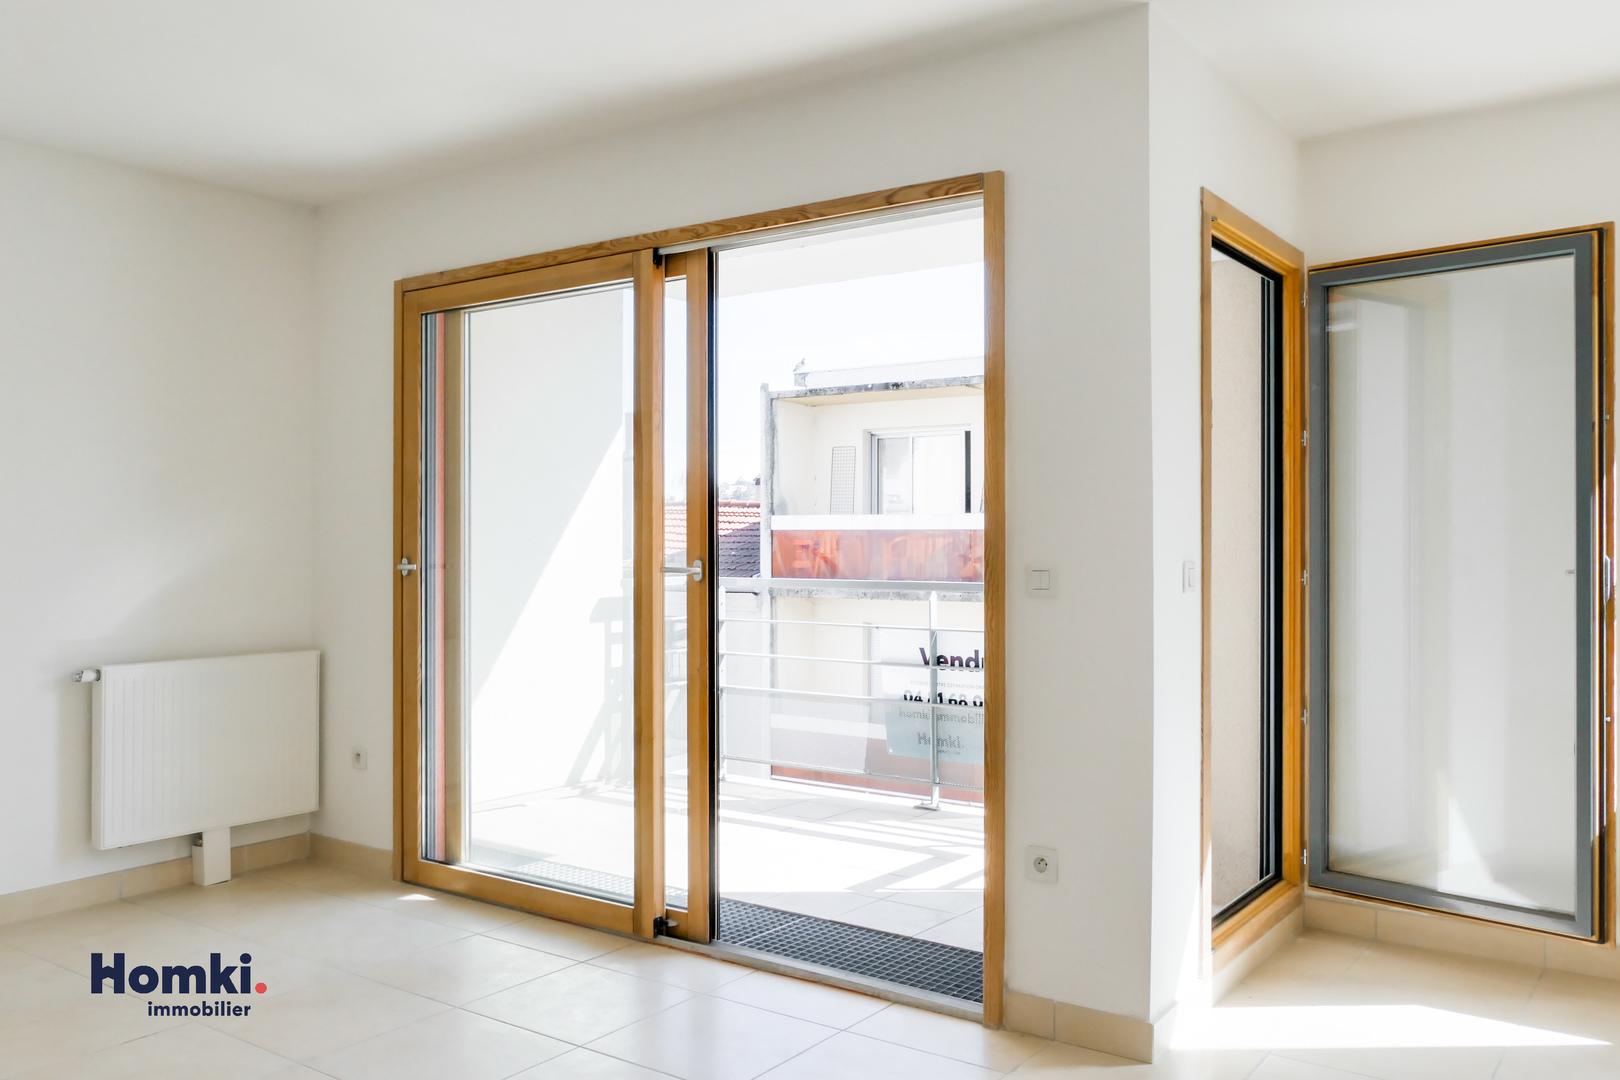 Vente appartement 87m² T3 42100_4